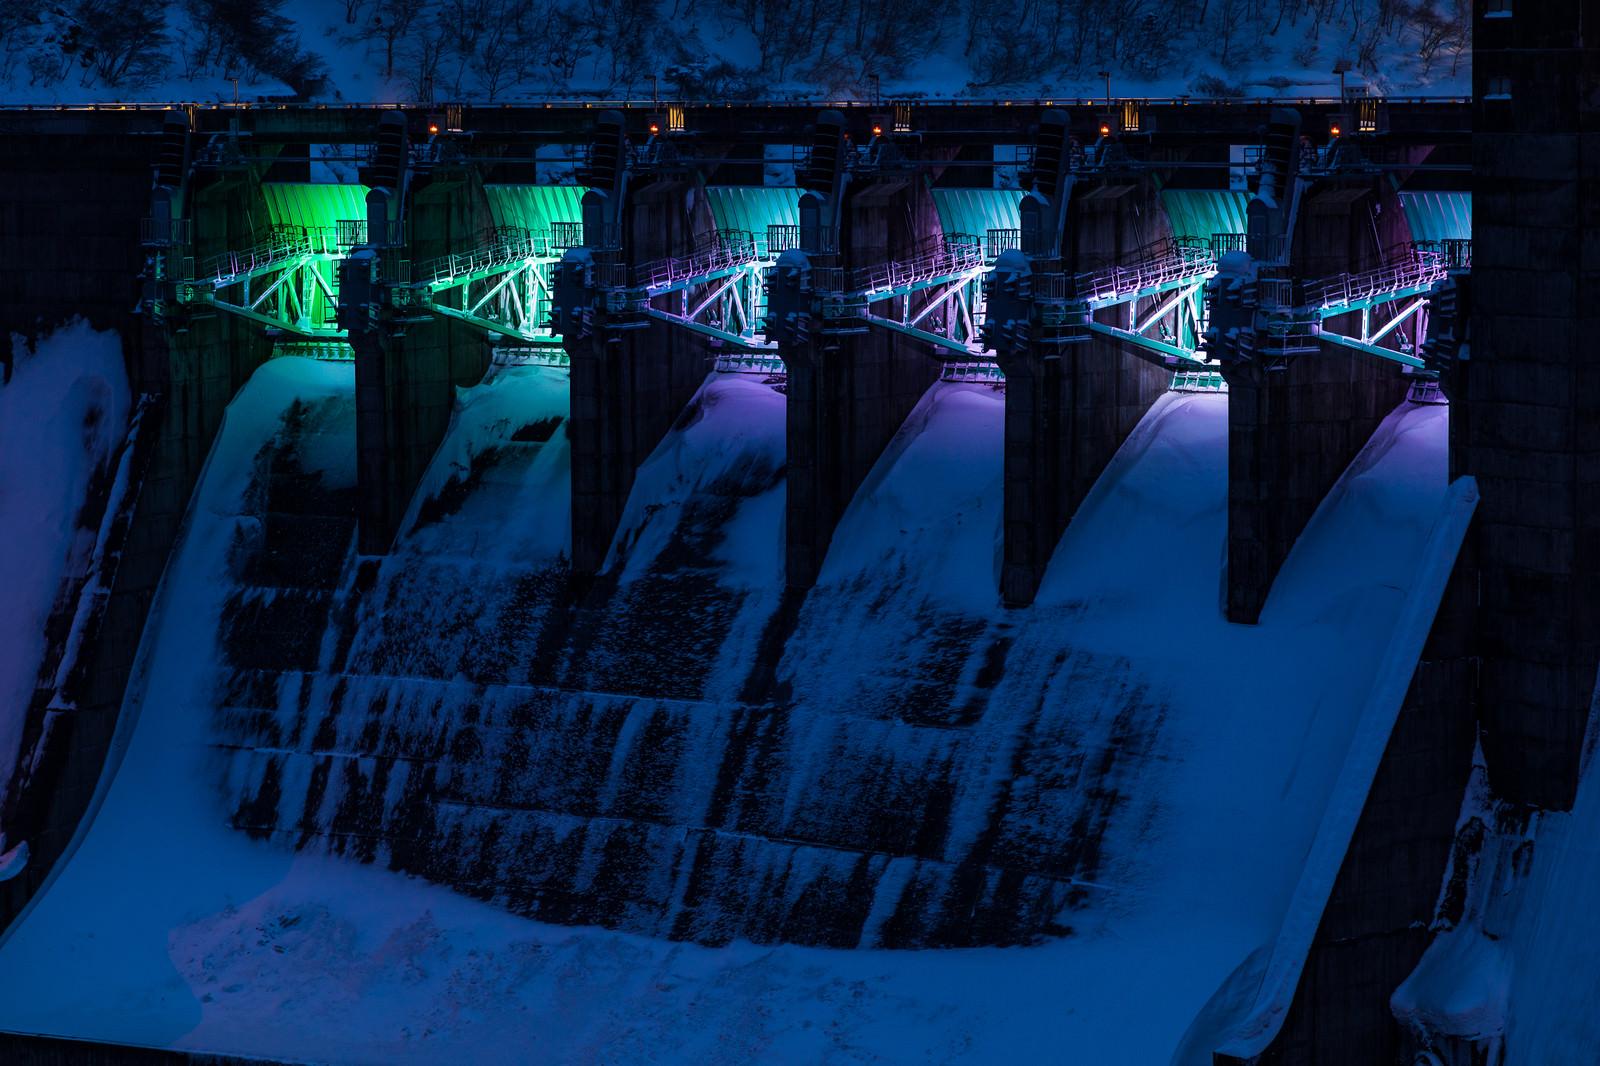 「ライトアップされた冬の堰堤(ダム)」の写真